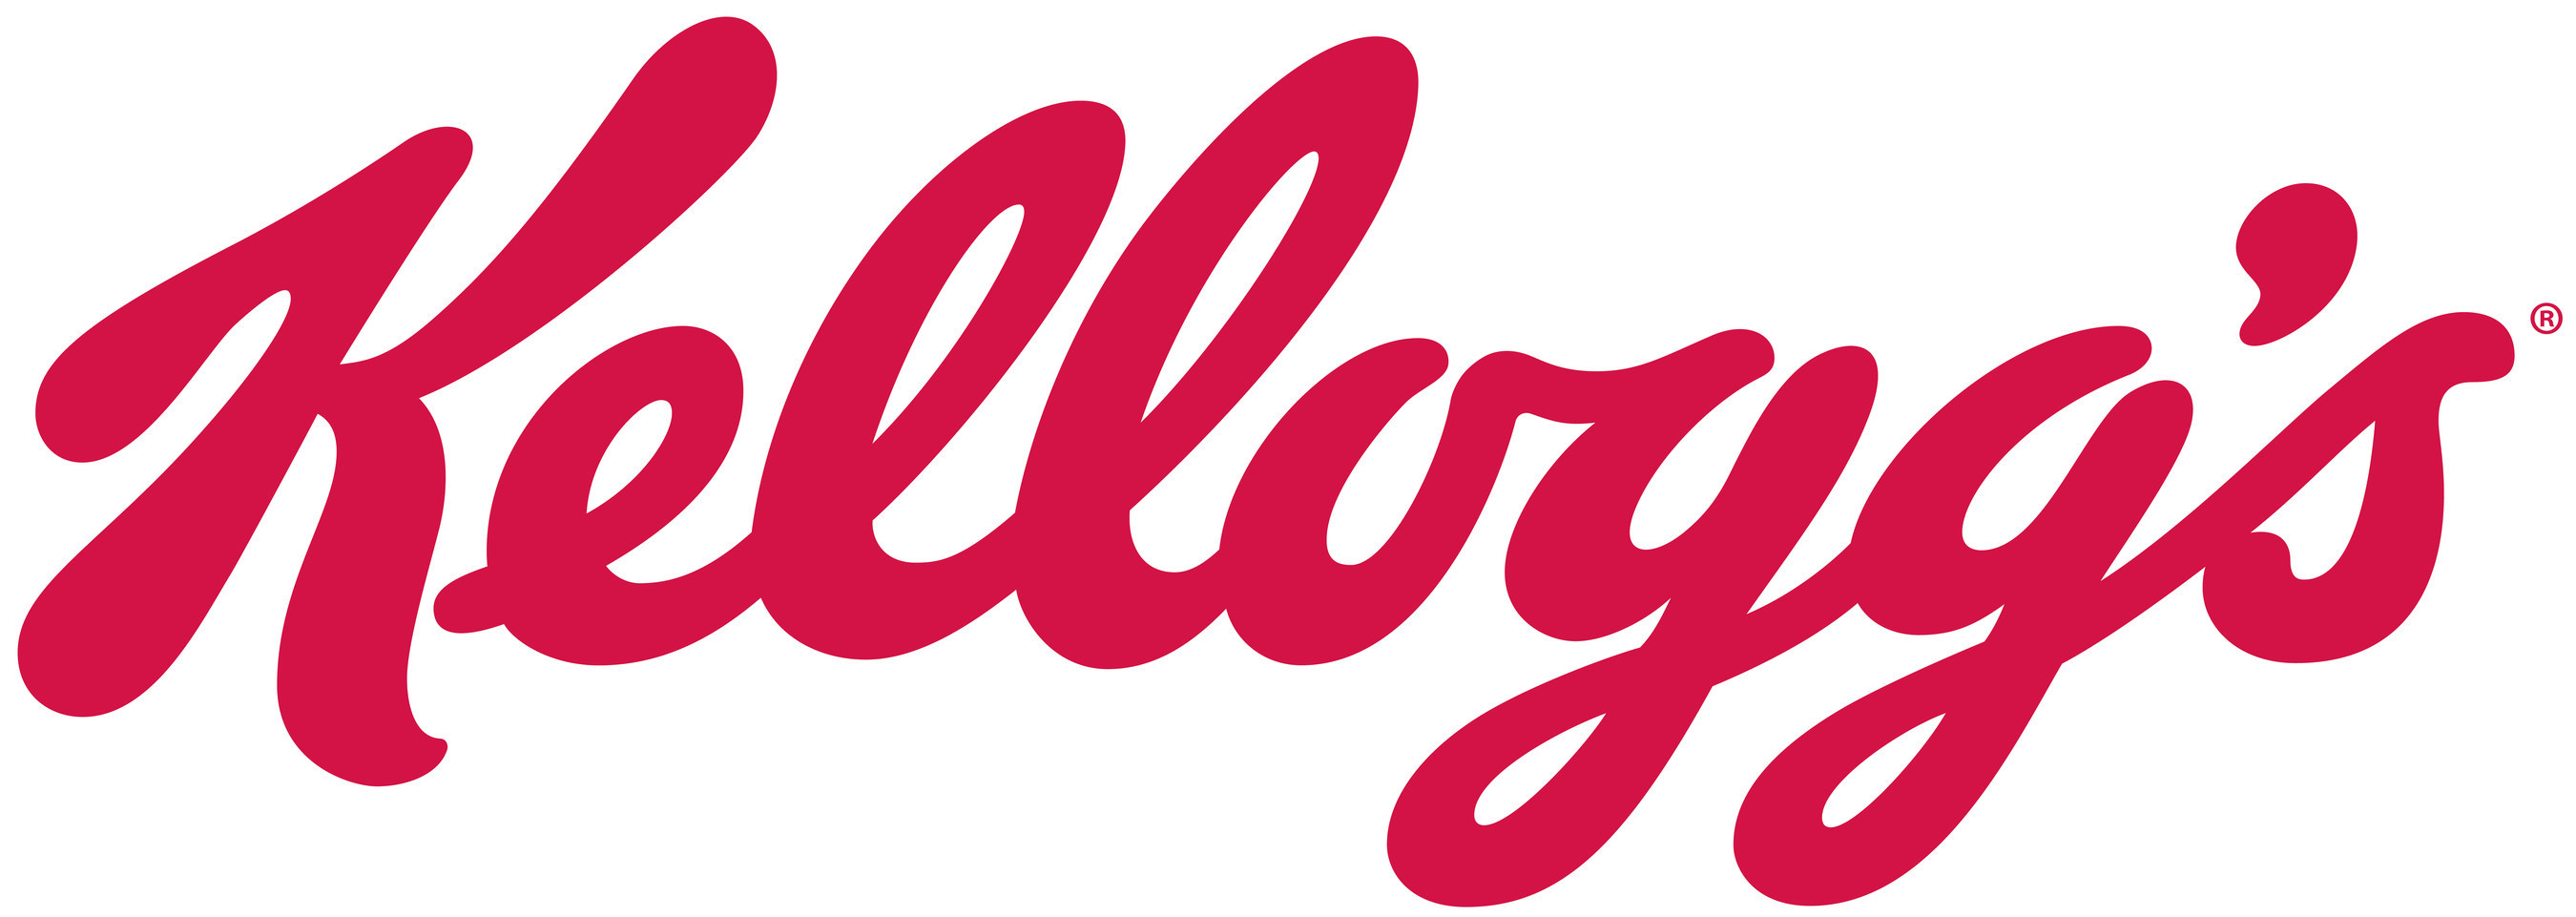 Kellogg Co